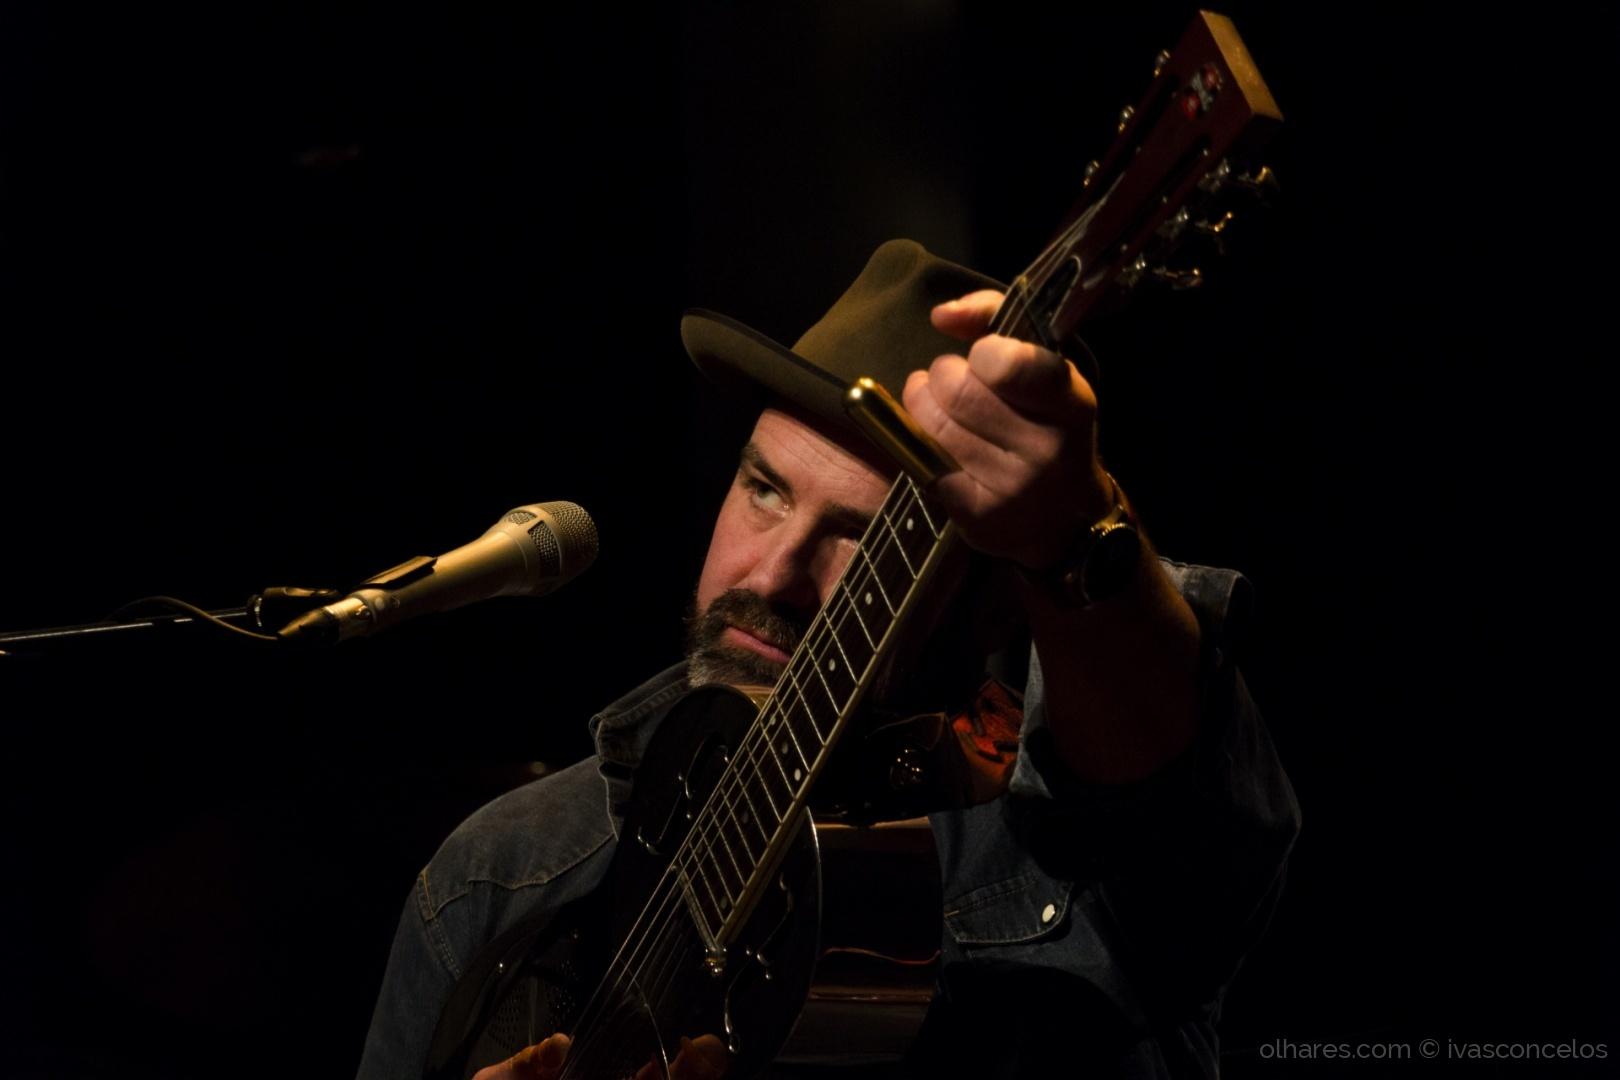 Espetáculos/Martin Harley :: Coimbra em Blues